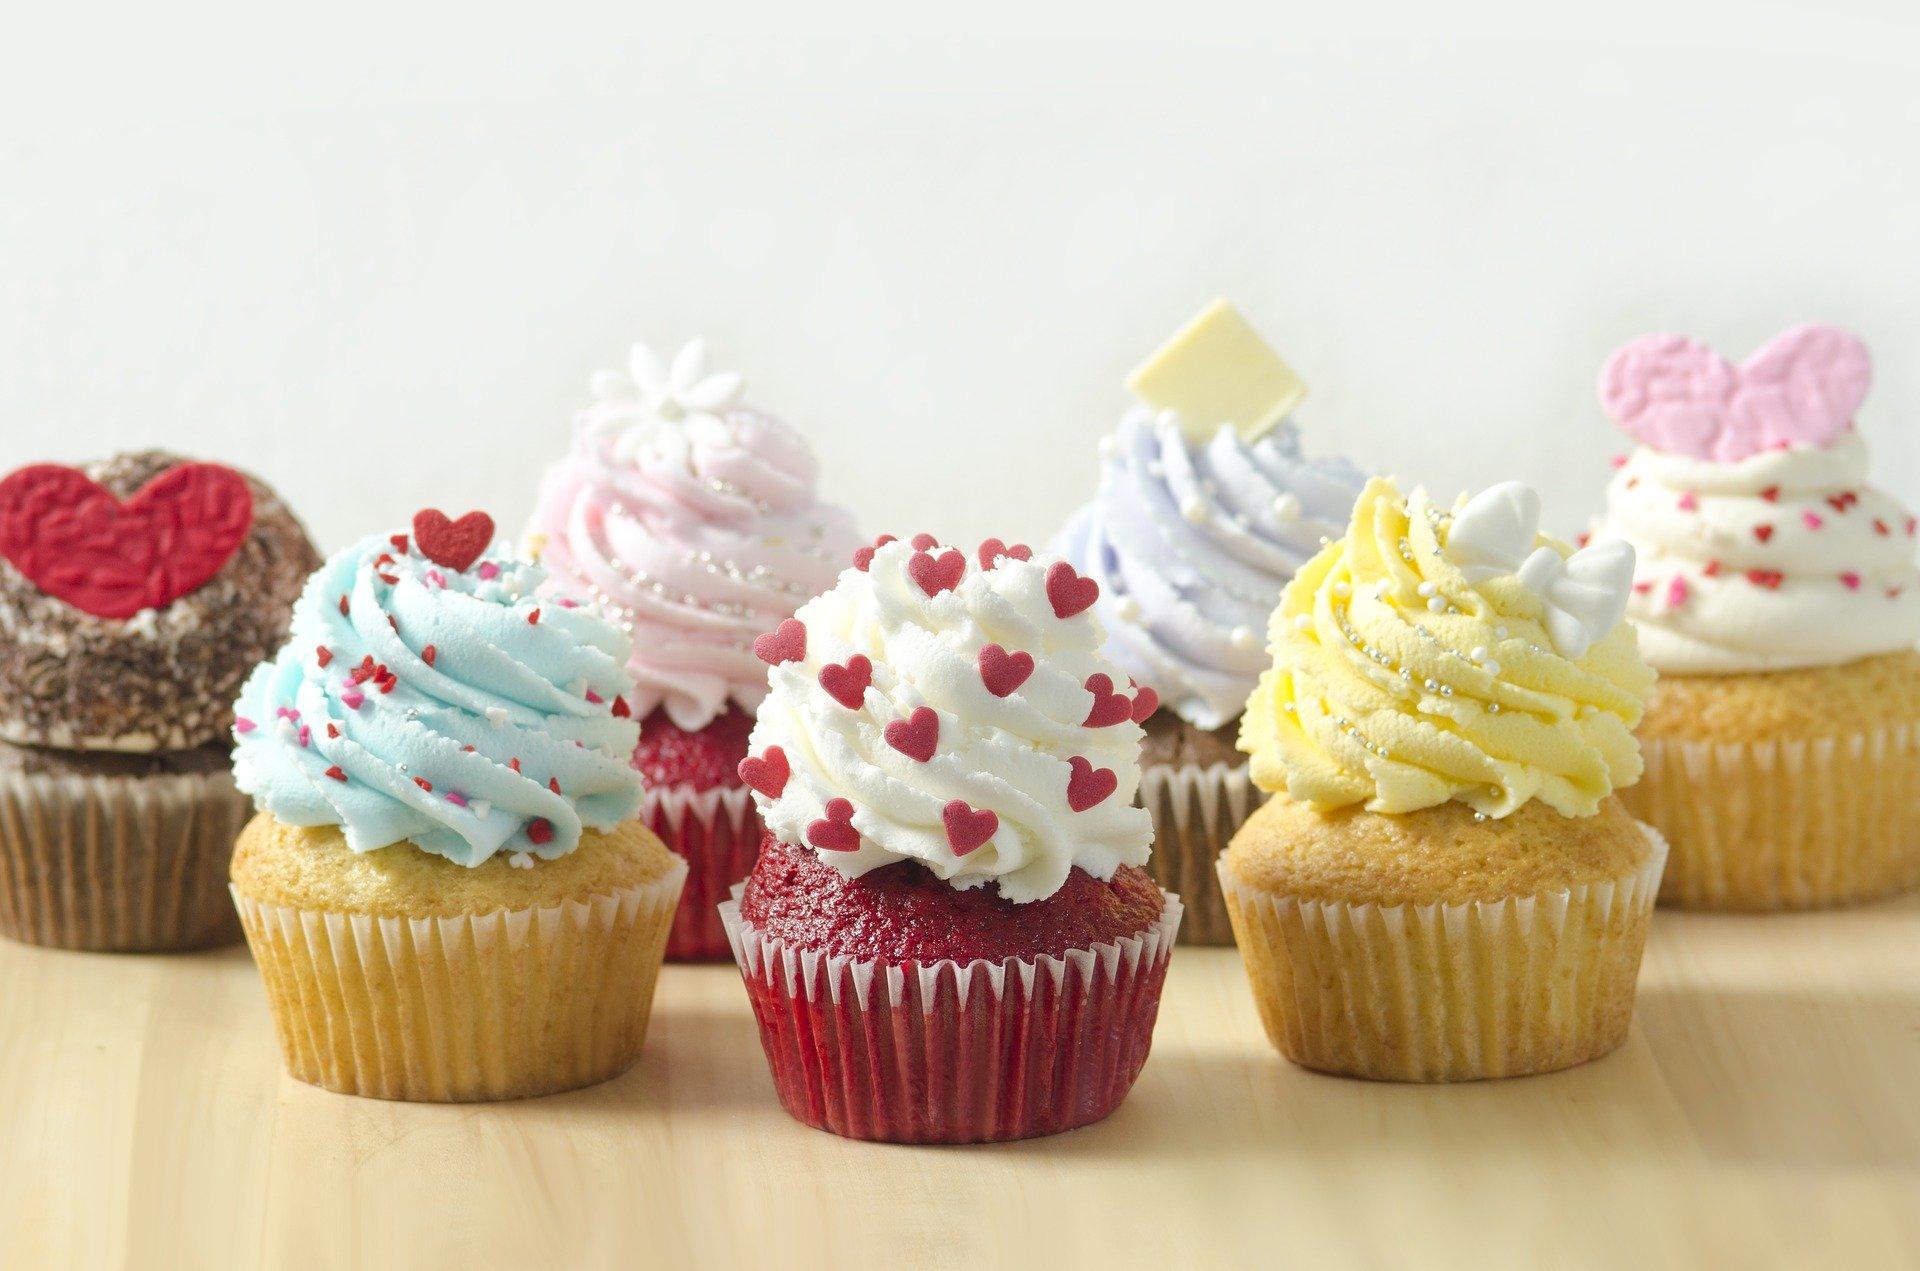 Las cupcakes son uno de los productos en pastelería más demandados